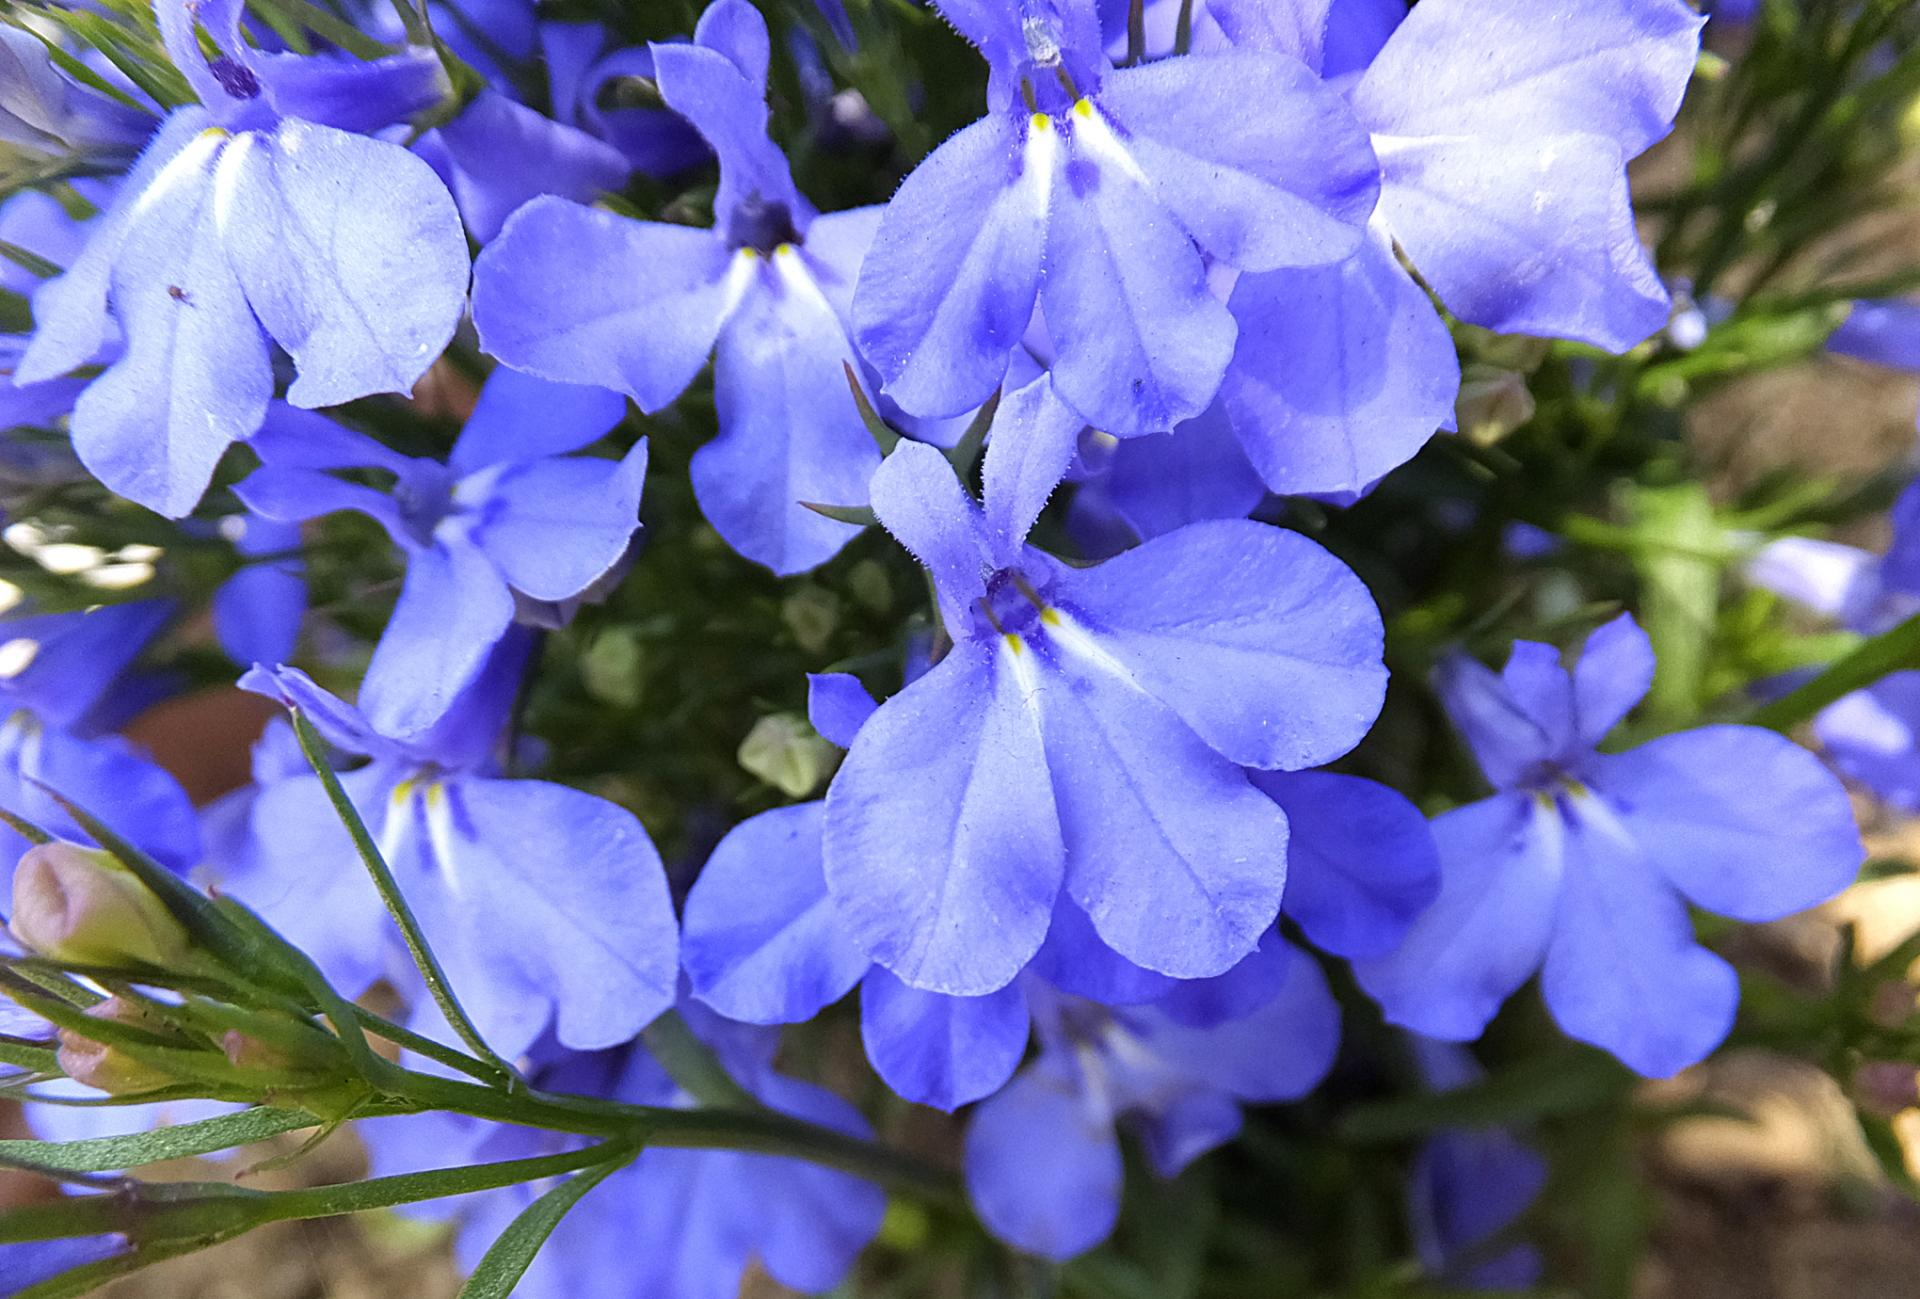 ガーデン用品屋さんの花図鑑 ロベリア